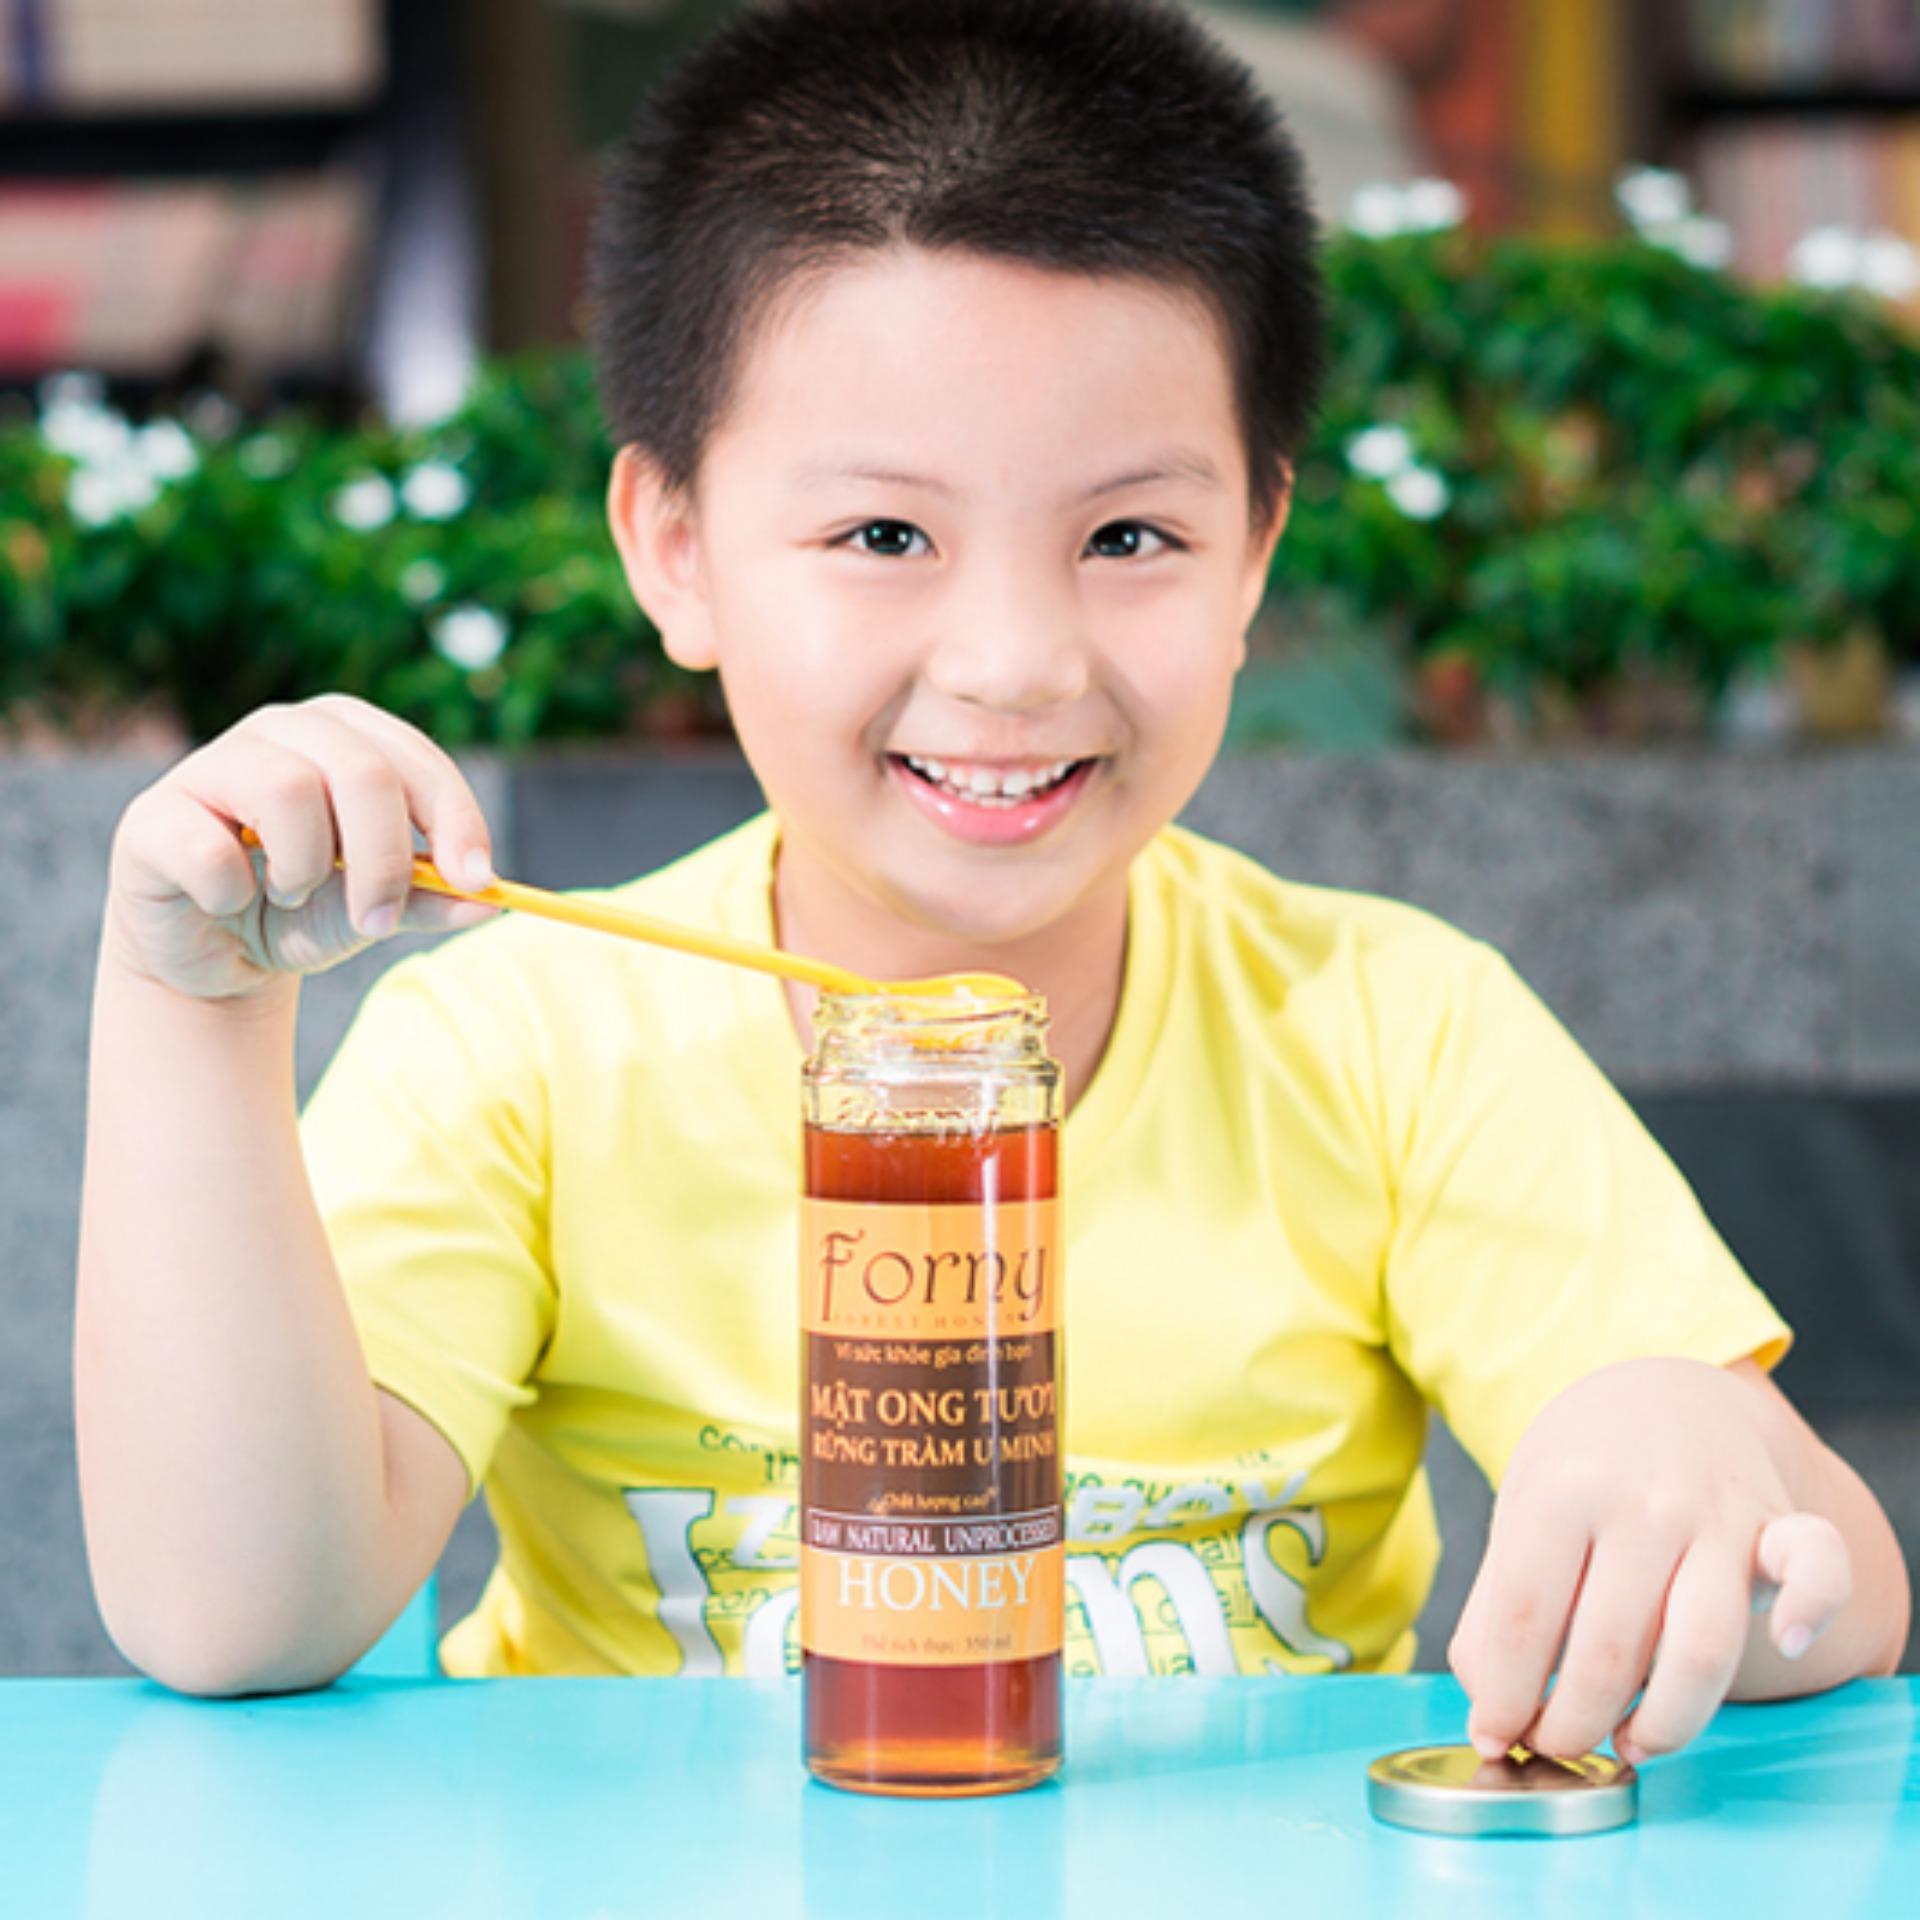 Mật ong rừng tràm U Minh Forny 350ml nhập khẩu